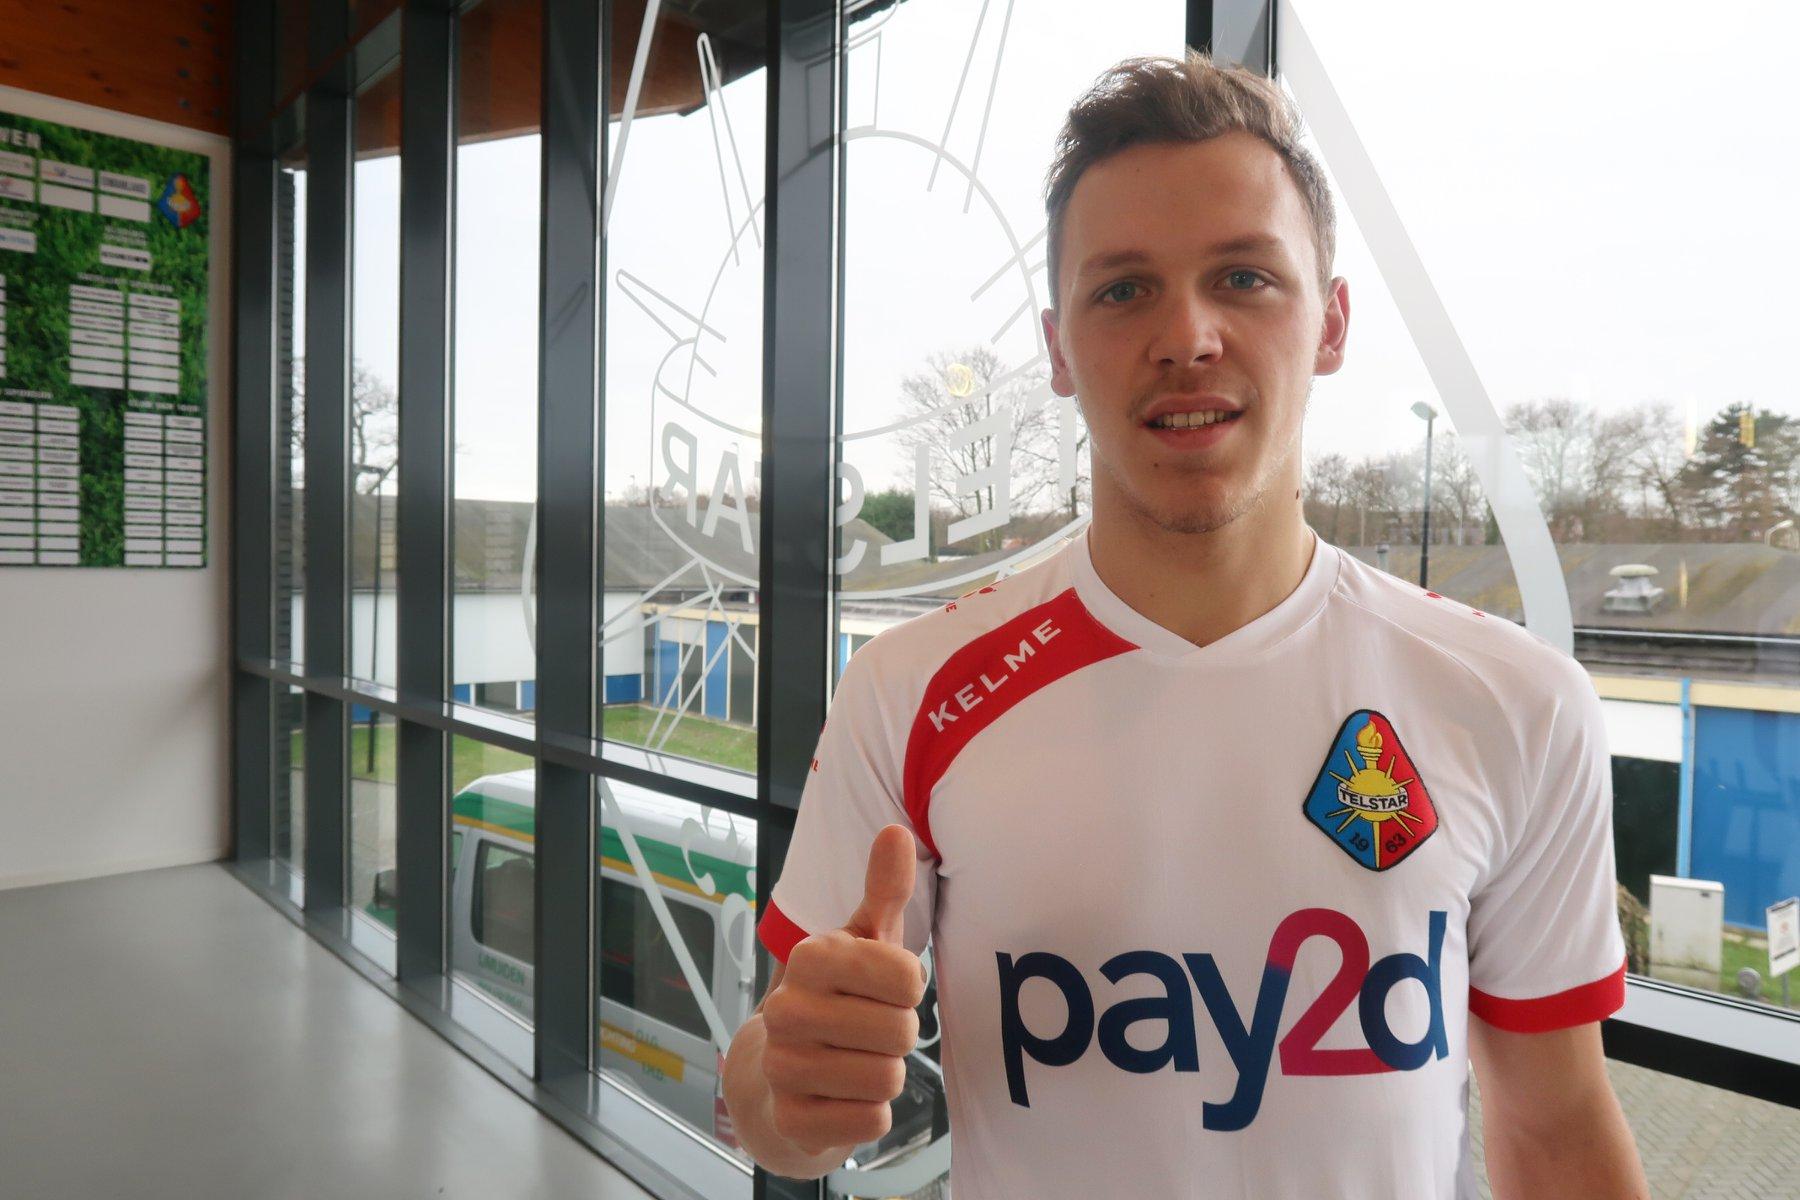 Eerste Divisie, Telstar-Roda lunedì 22 aprile: analisi e pronostico della 36ma giornata della seconda divisione olandese